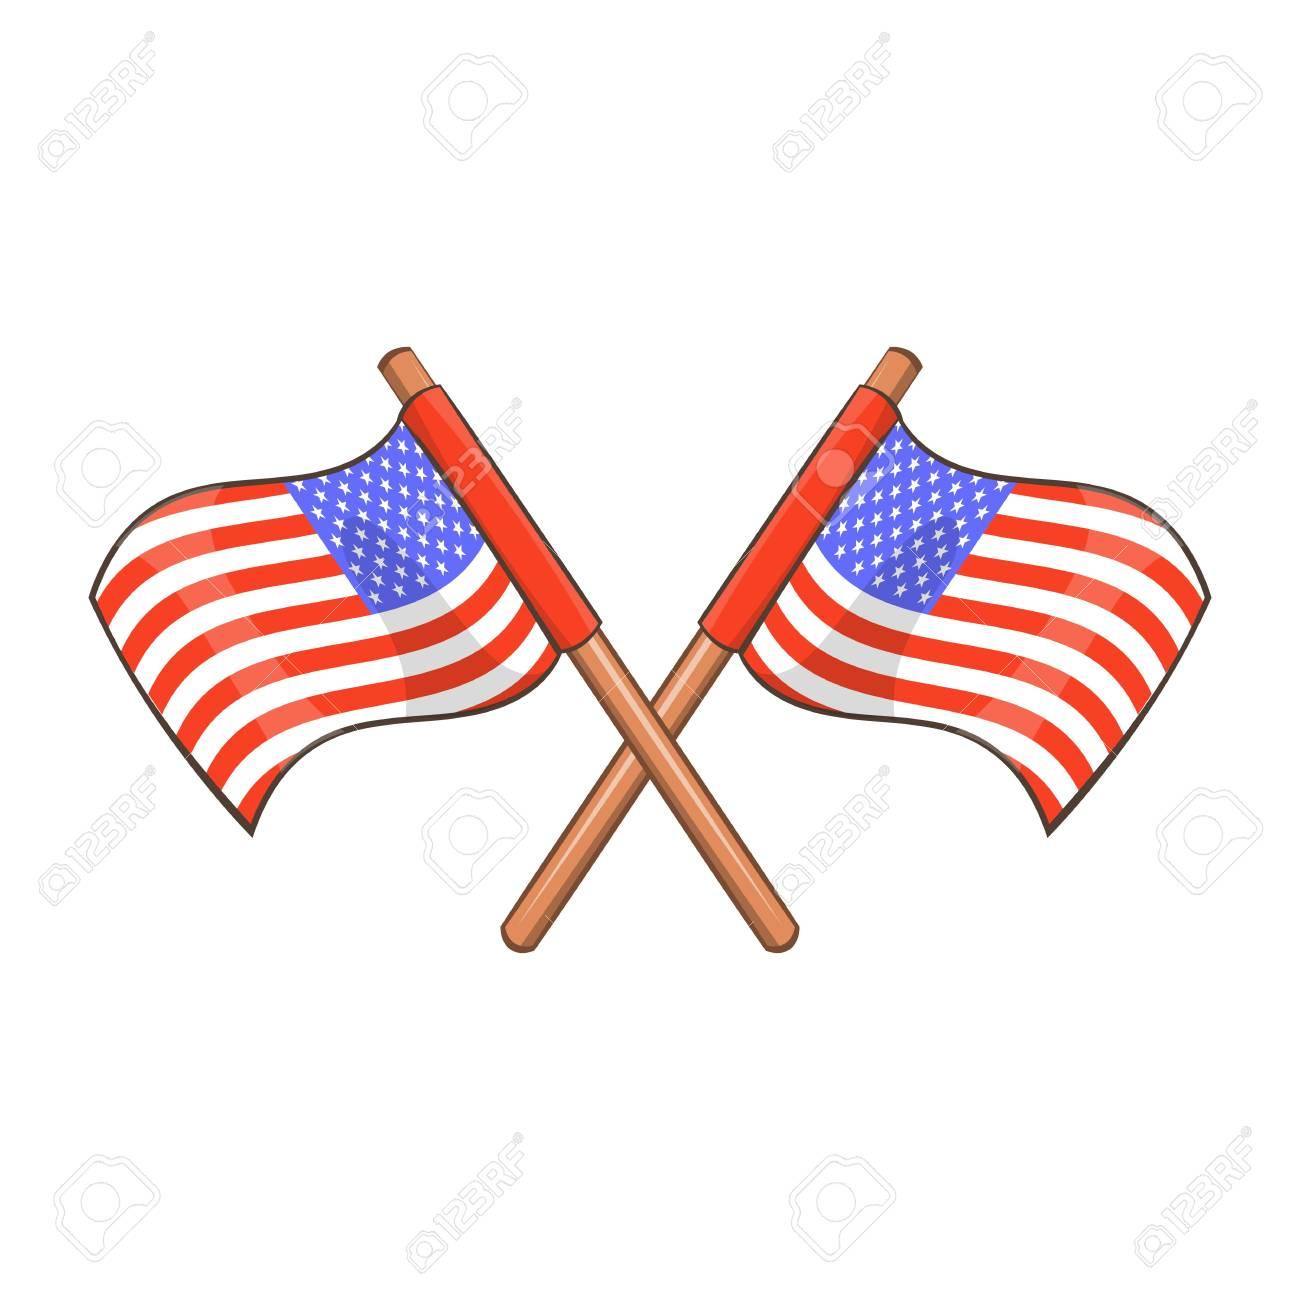 Día De La Independencia Icono De Banderas De Estados Unidos Estilo De Dibujos Animados